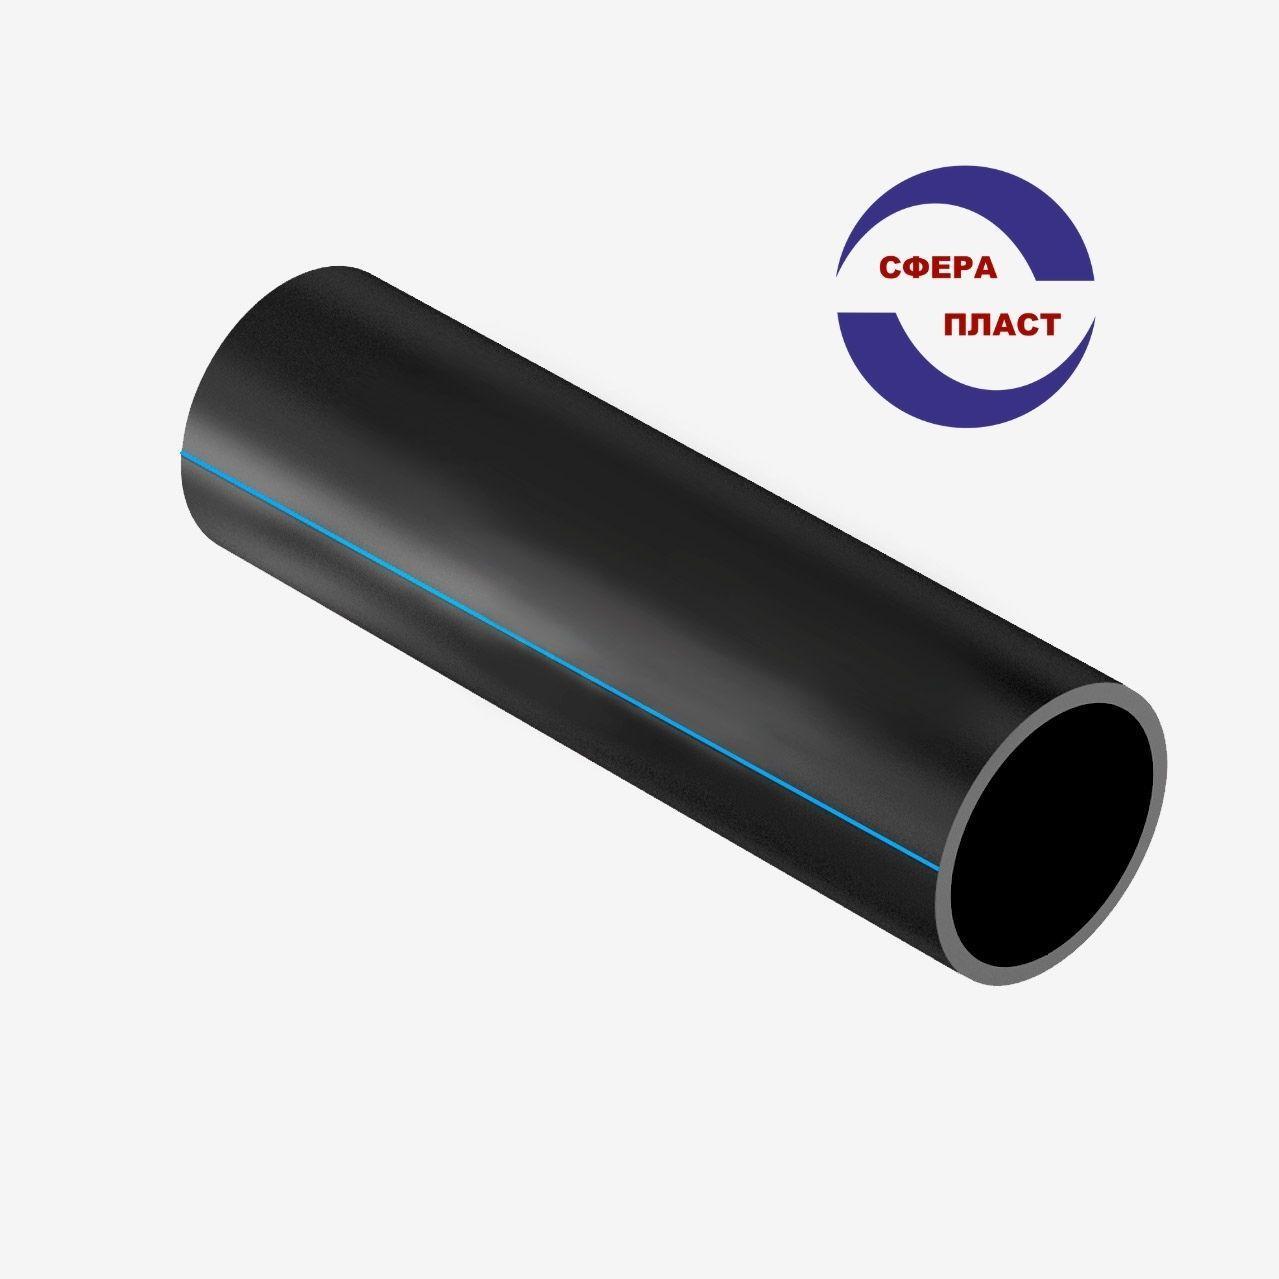 Труба полиэтиленовая ПЭ-100 Ду-32x2,3 SDR17 (10 атм)